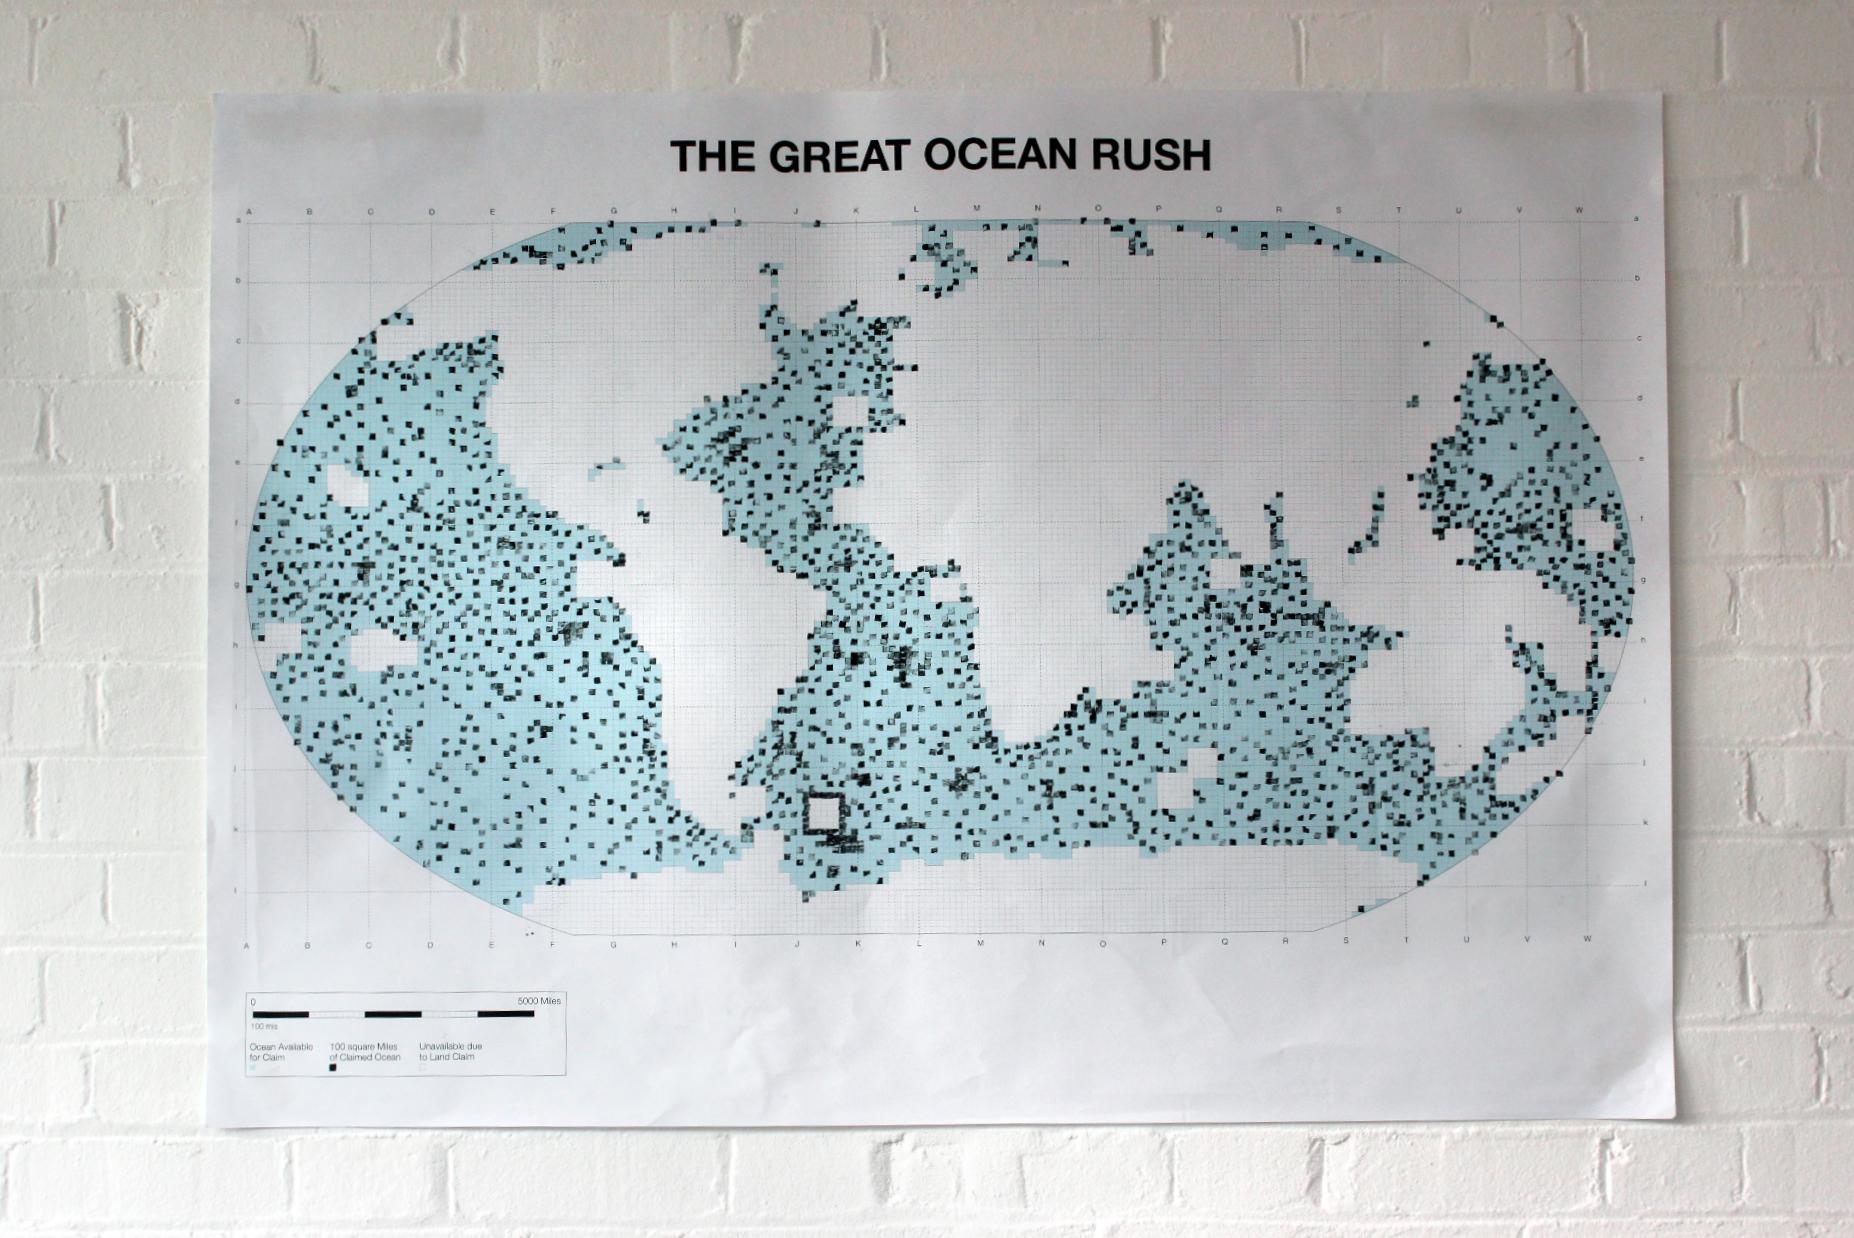 great ocean rush - map